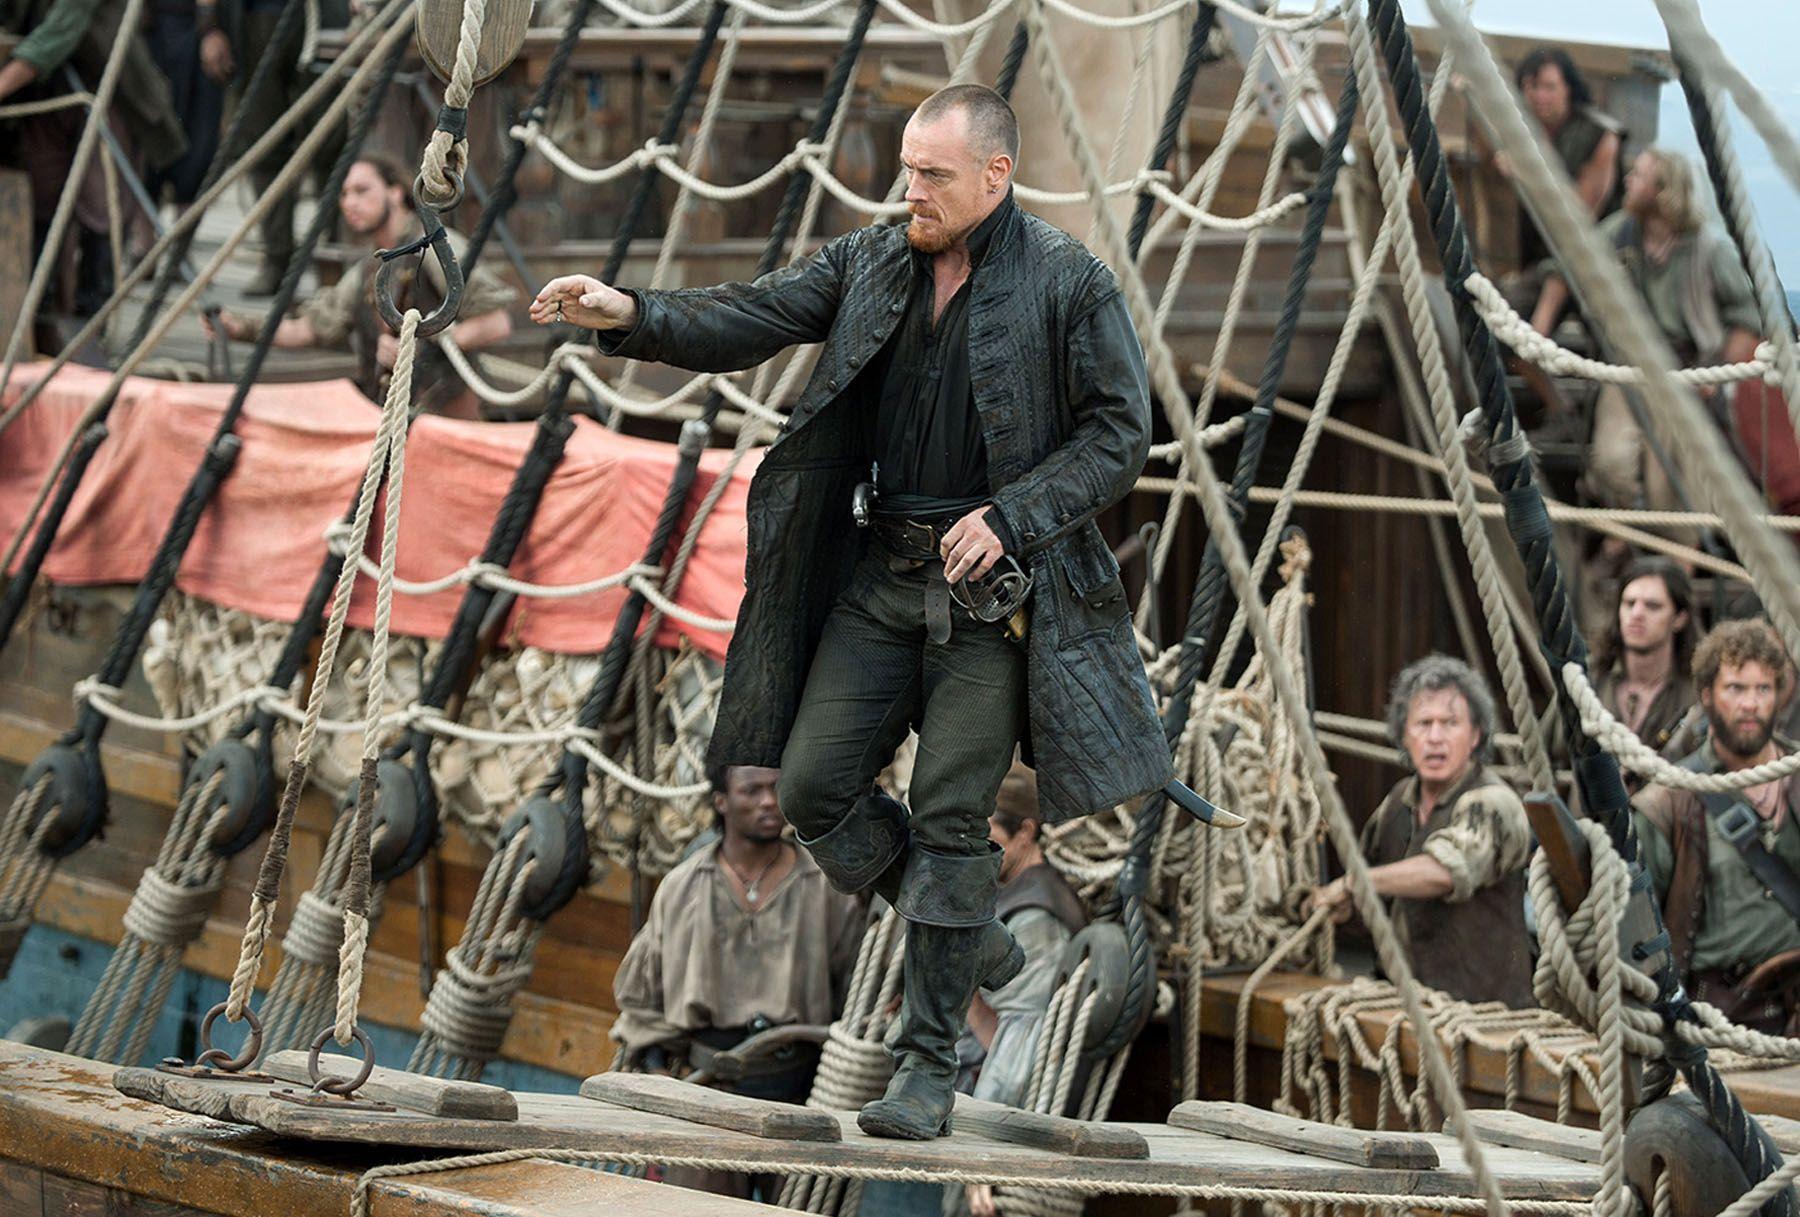 Black sails s3 pirate captain flint leather coat - Black Sails Season 3 Toby Stephens 04